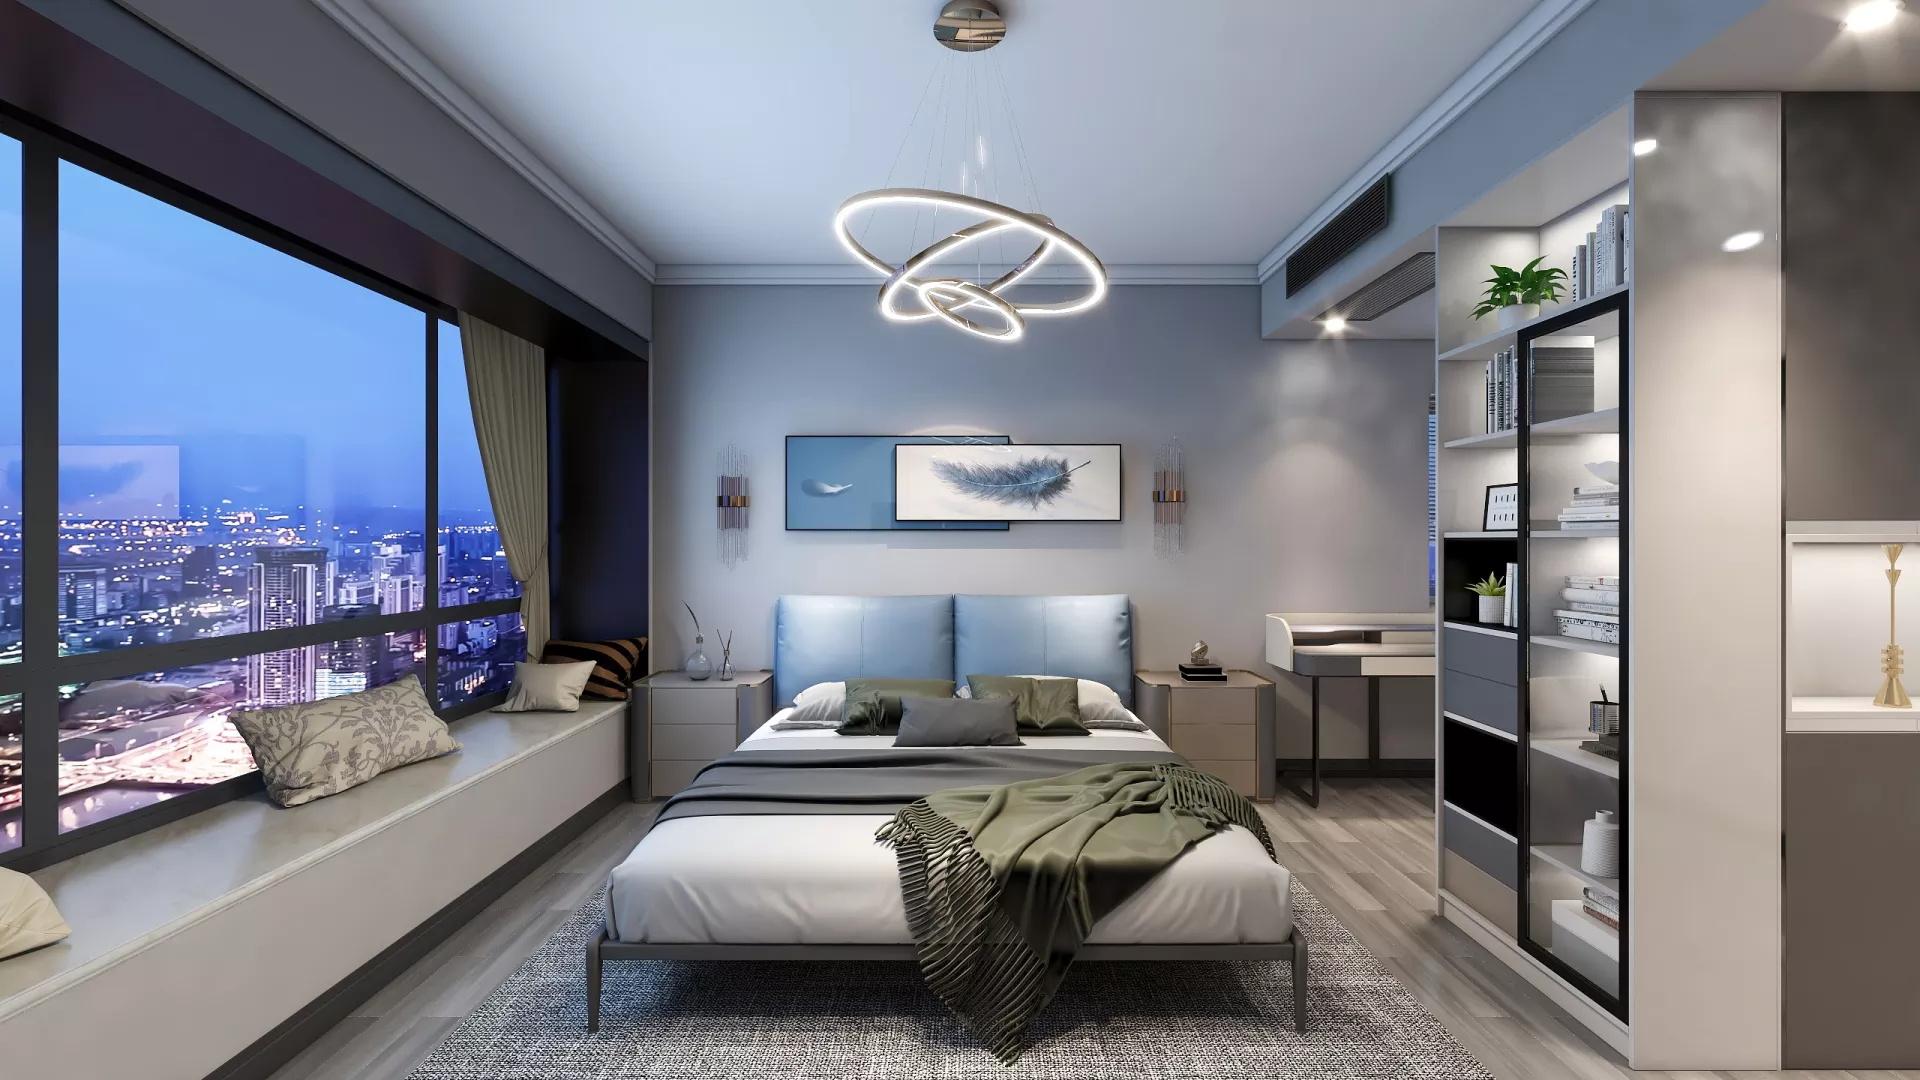 私人豪华别墅法式客厅装饰效果图